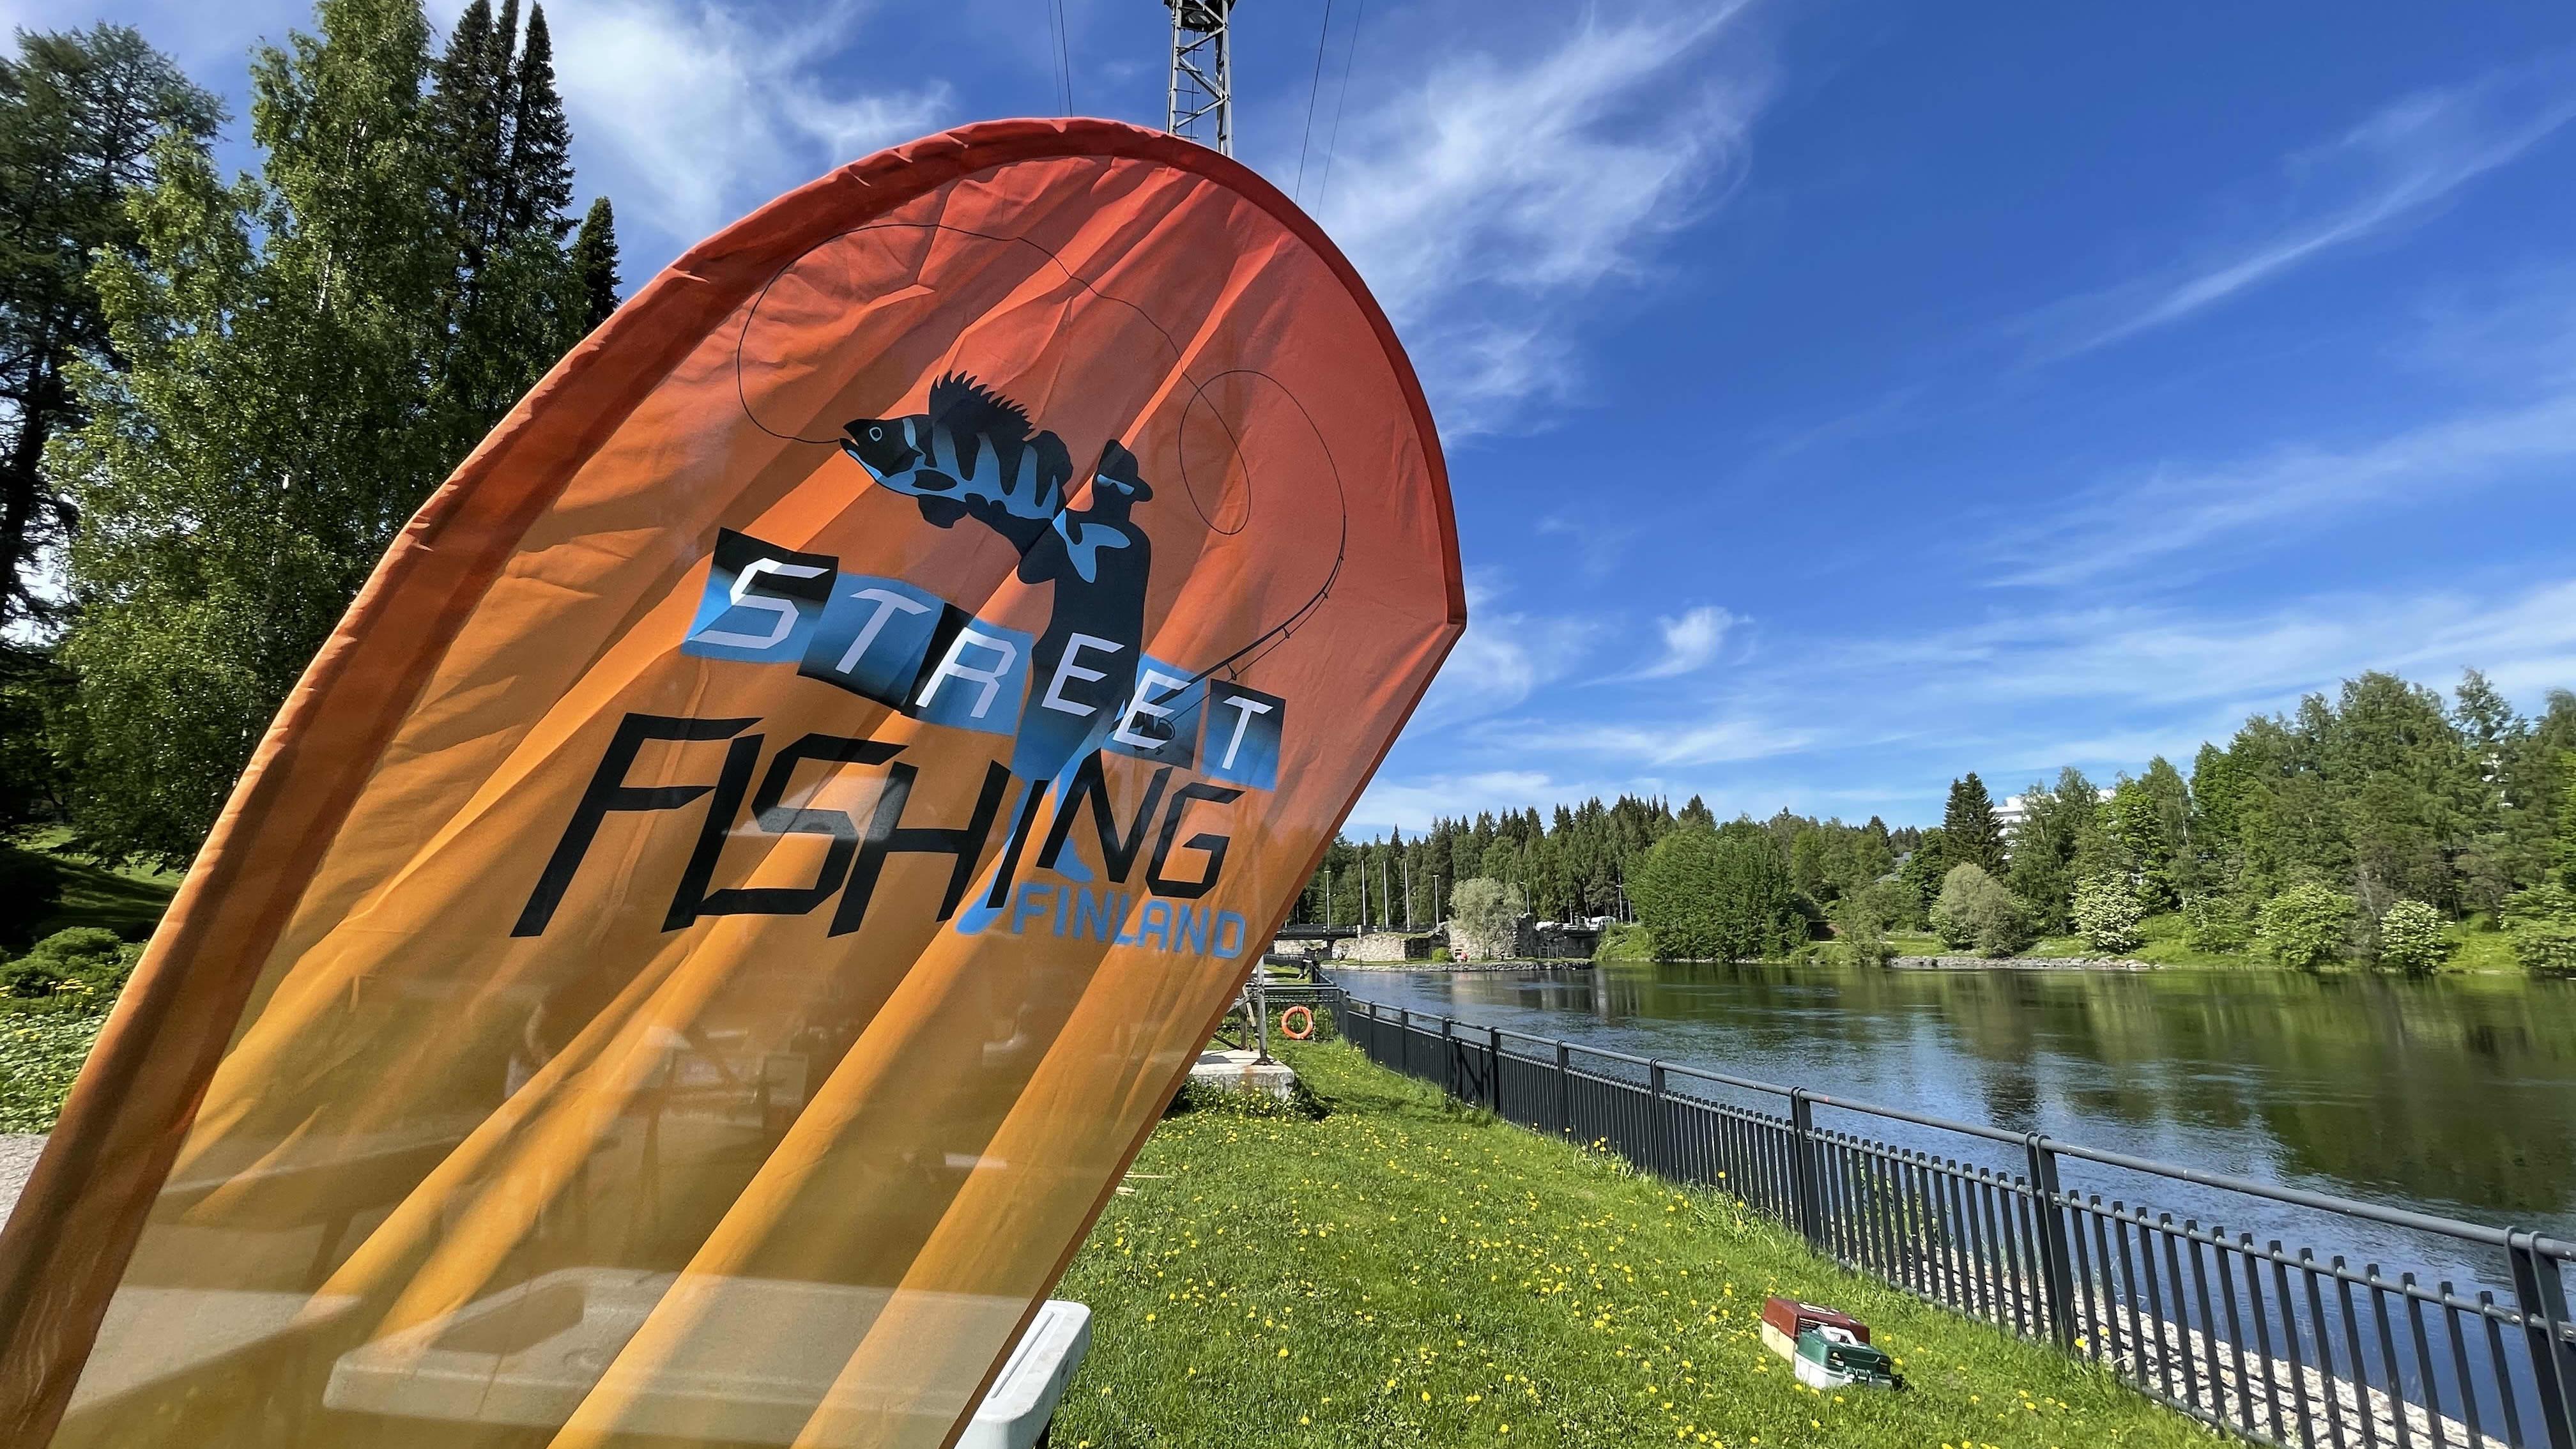 Street fishing lippu kajaanijoella